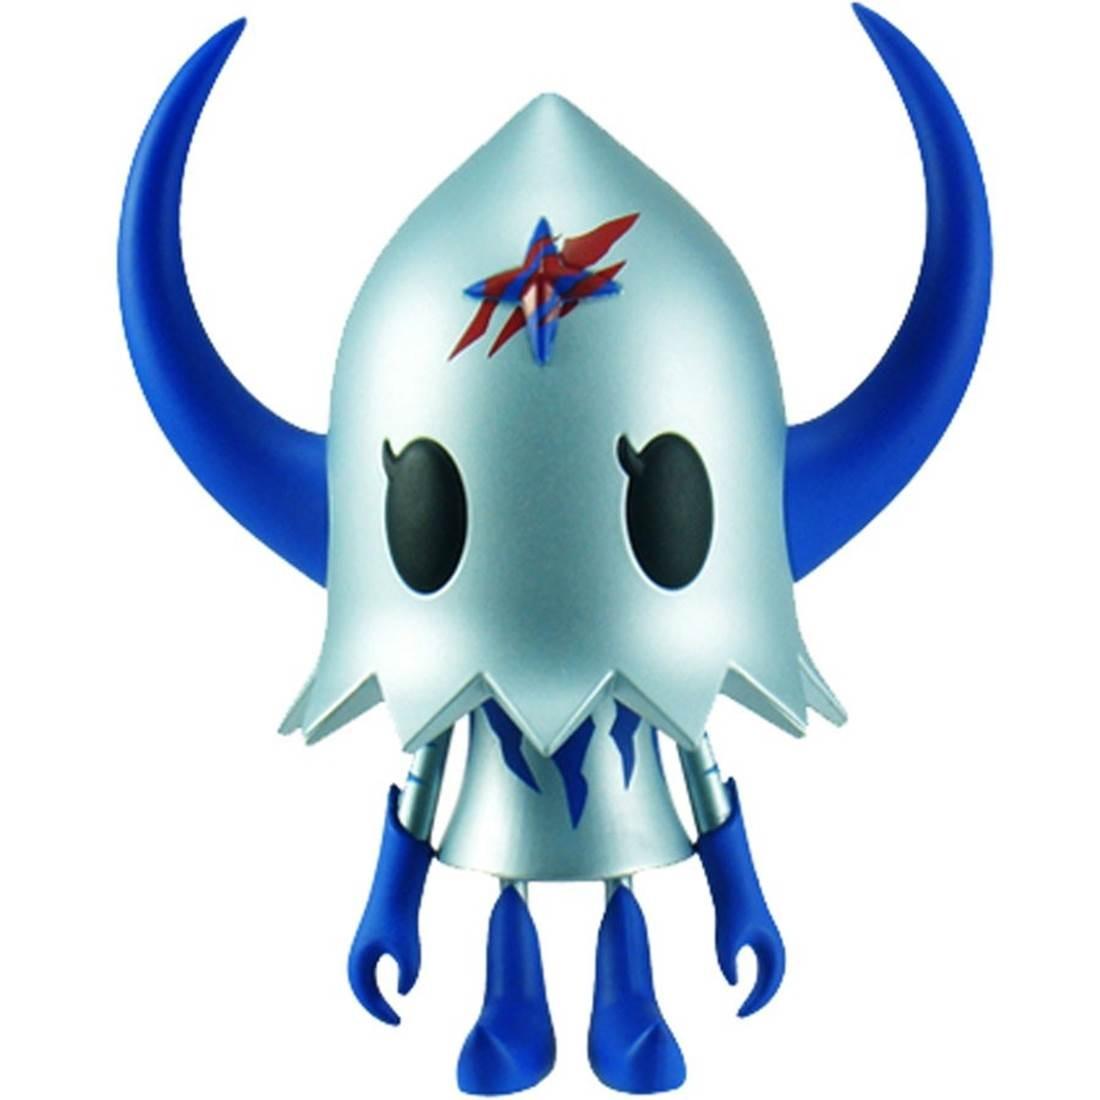 Devilrobots Evirob Figure silver // blue Bait SDCC Exclusive